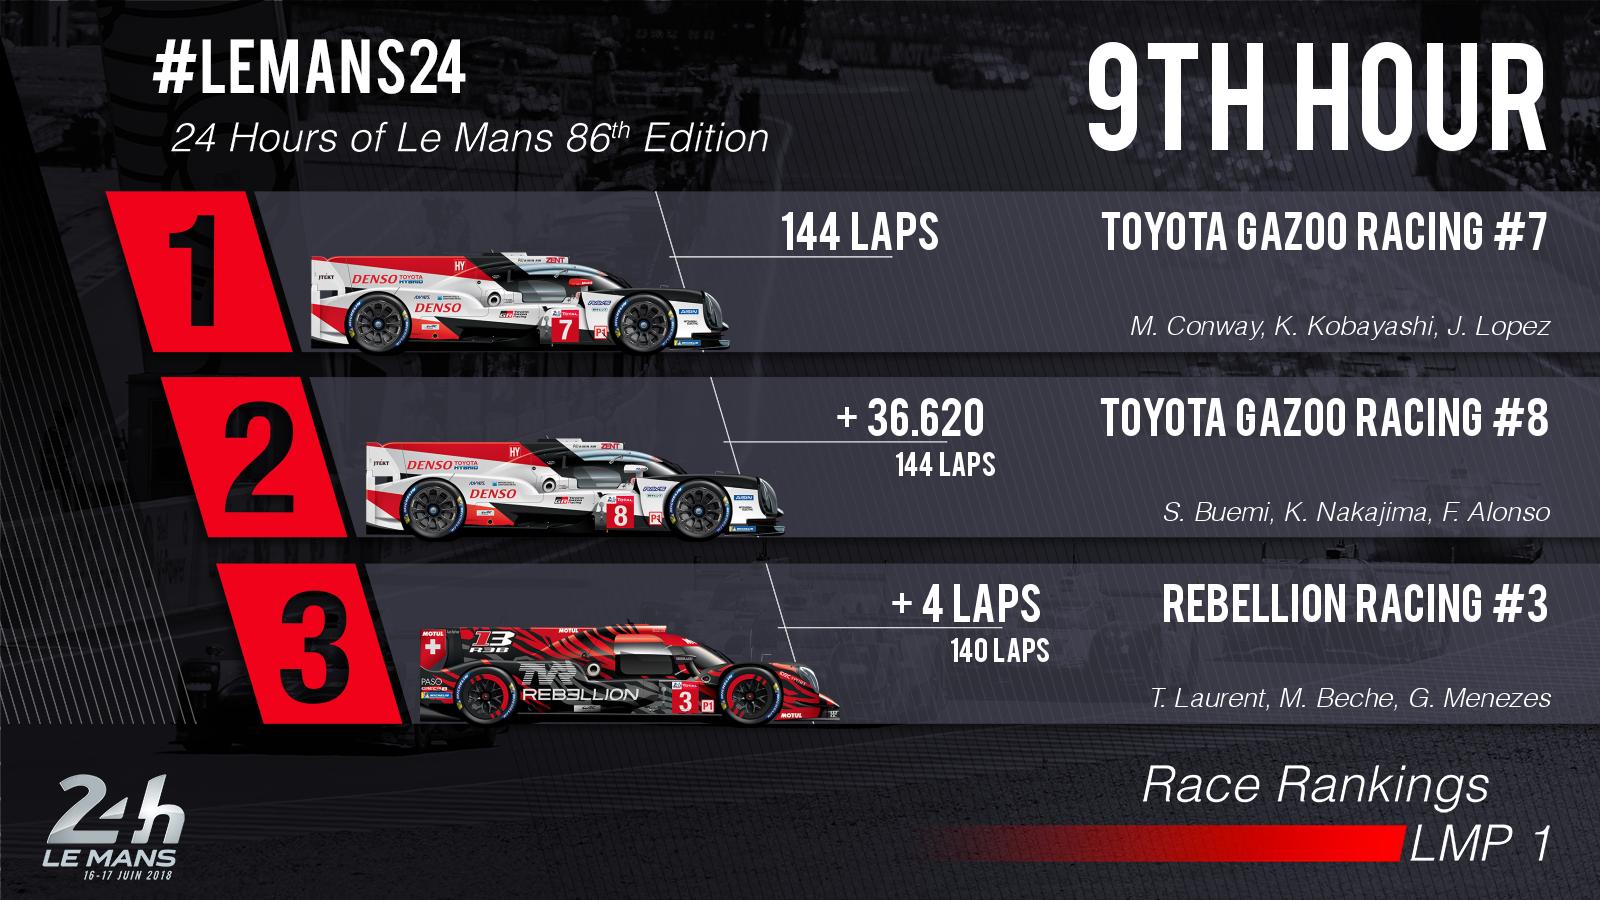 24 Horas de Le Mans 2018 - Página 3 5b2588a1a6da8